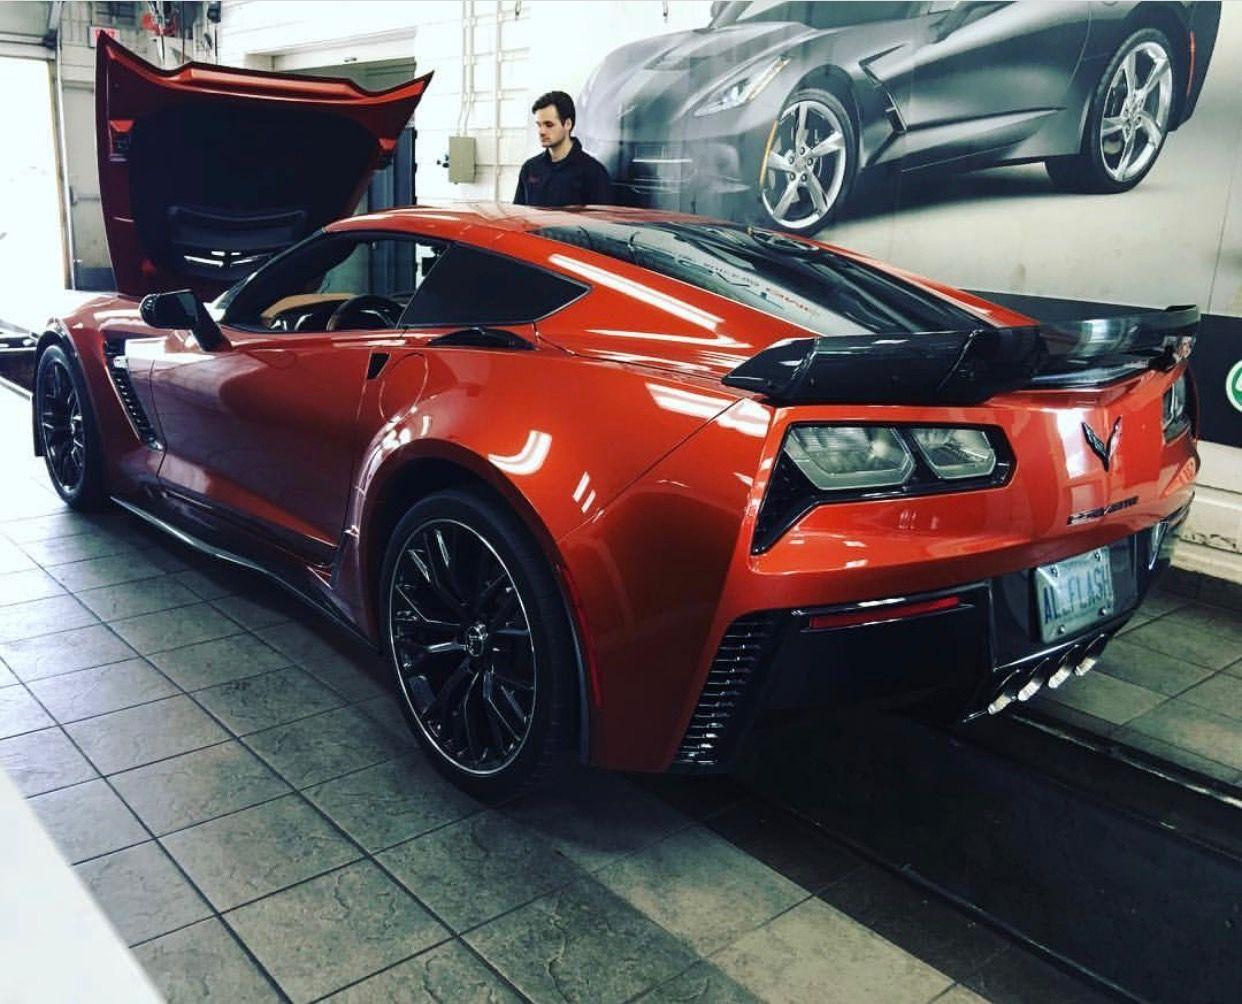 Chevrolet Corvette C7 Z06 Coupe Painted In Daytona Sunrise Orange Photo Taken By Allflashz06 On Instagram Chevrolet Corvette C7 Chevrolet Corvette Corvette